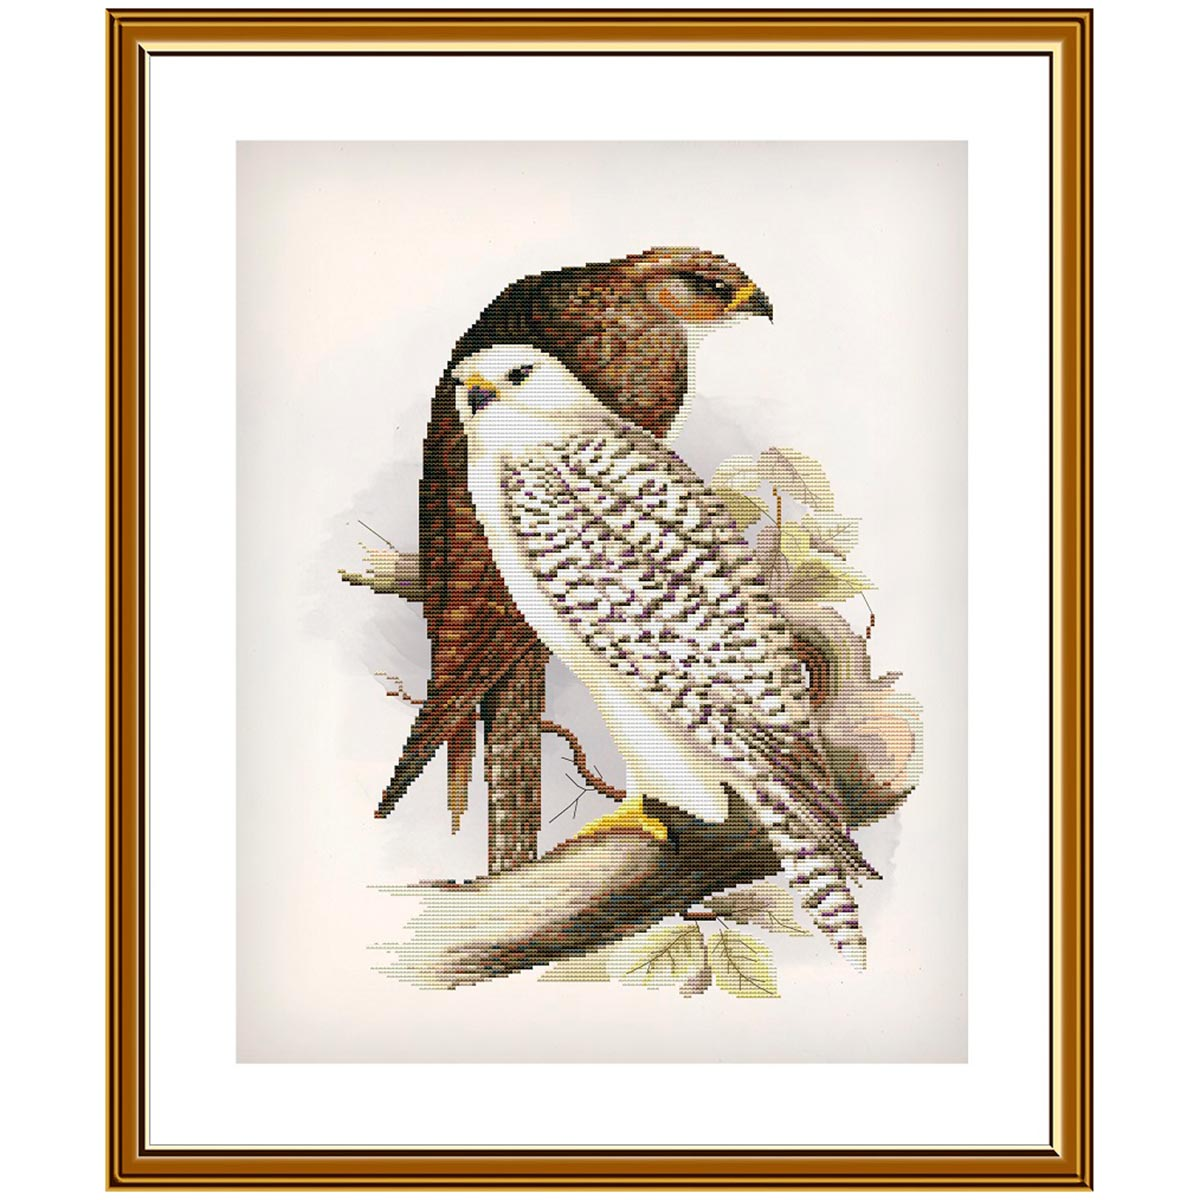 СР2273 Набор для вышивания 'Гордые птицы'28 x36 см